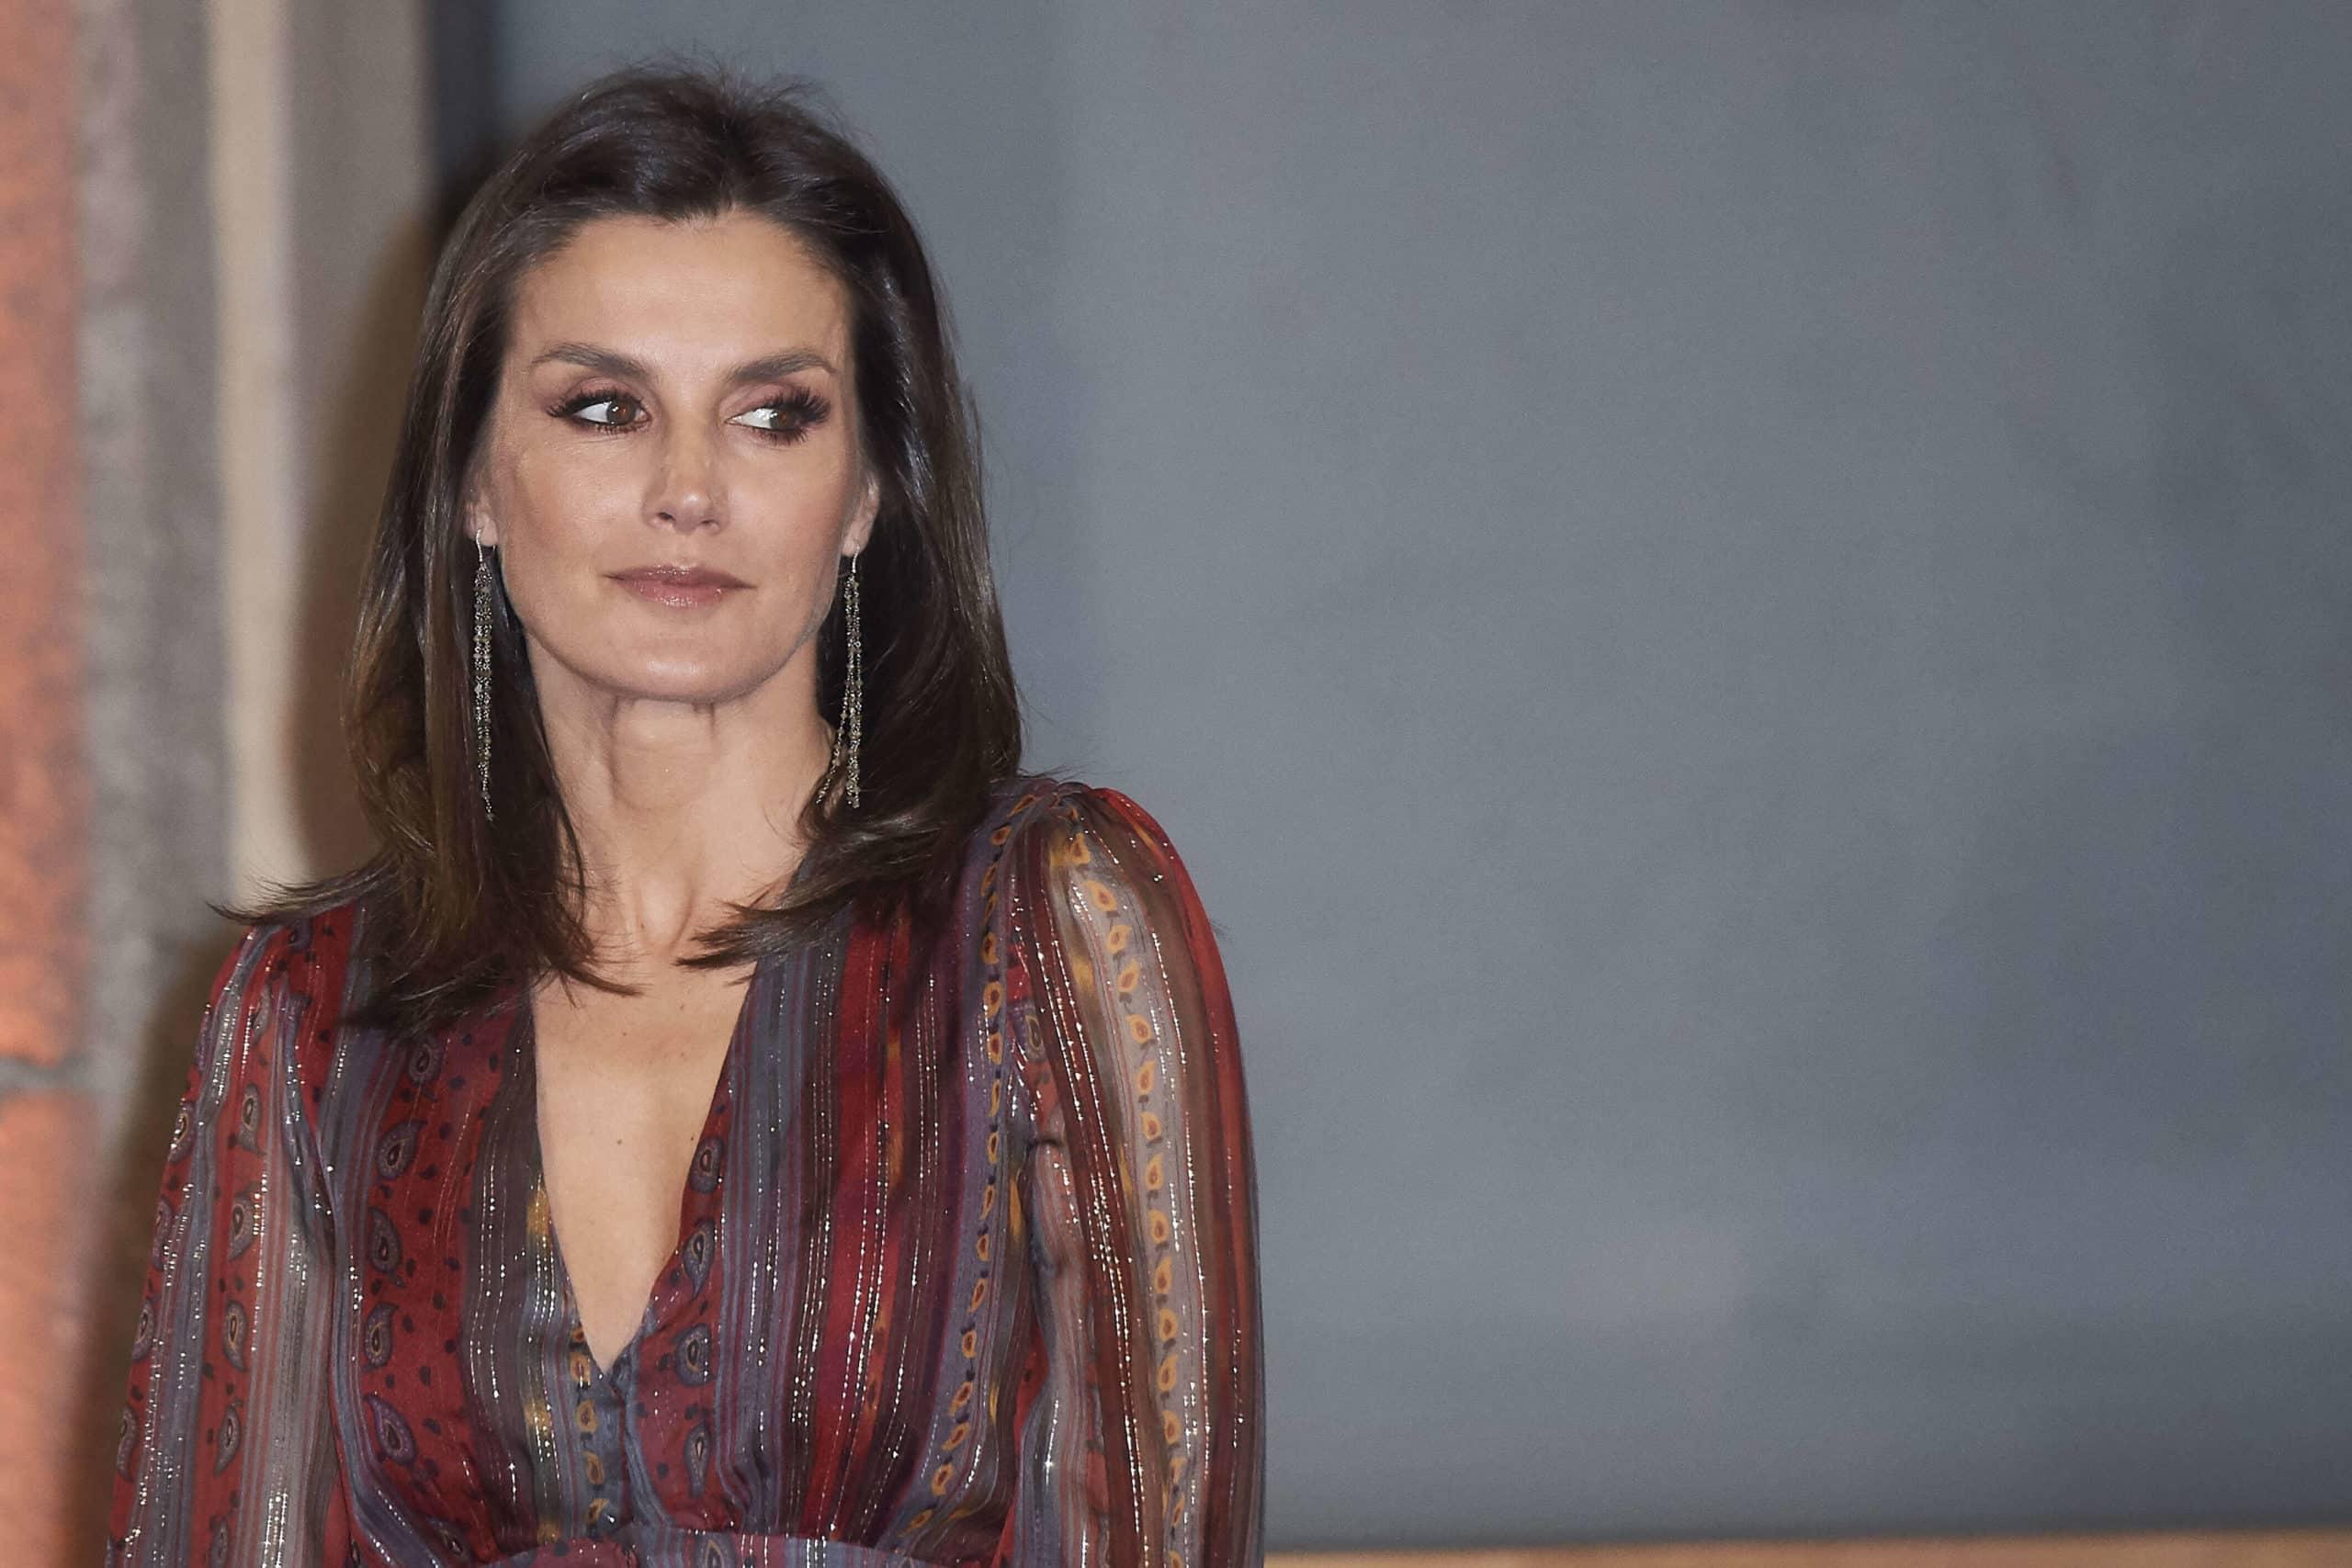 Königin Letizia: Ihre Tante fällt ihr in den Rücken